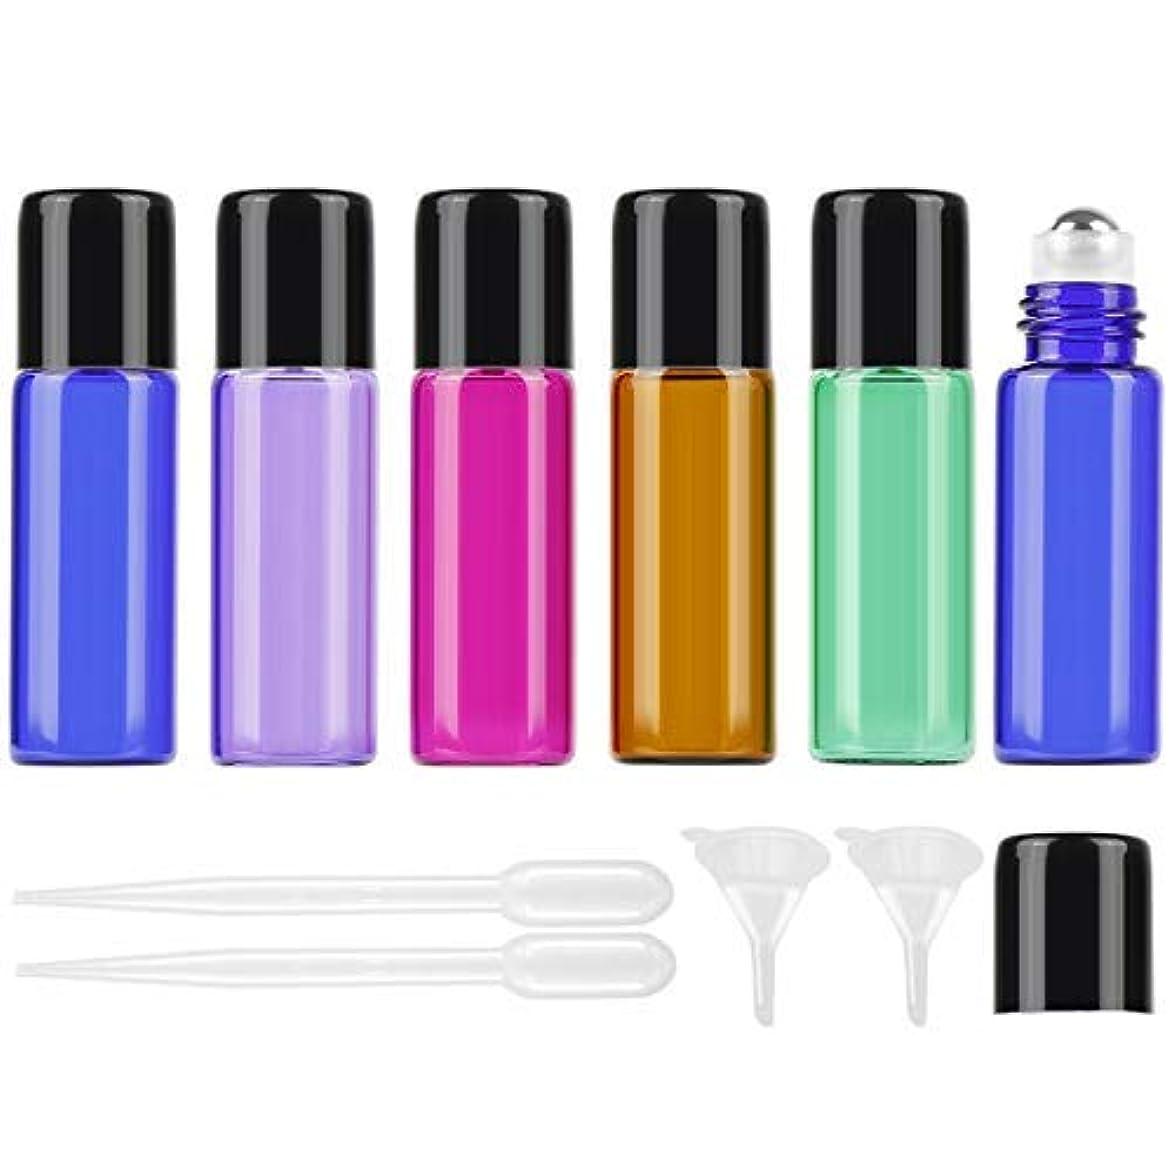 元に戻す損なう教える25Pcs 5ml Colored Essential Oil Roller Bottles Vials Glass Cosmetic Travel Containers with Stainless Steel Roller...